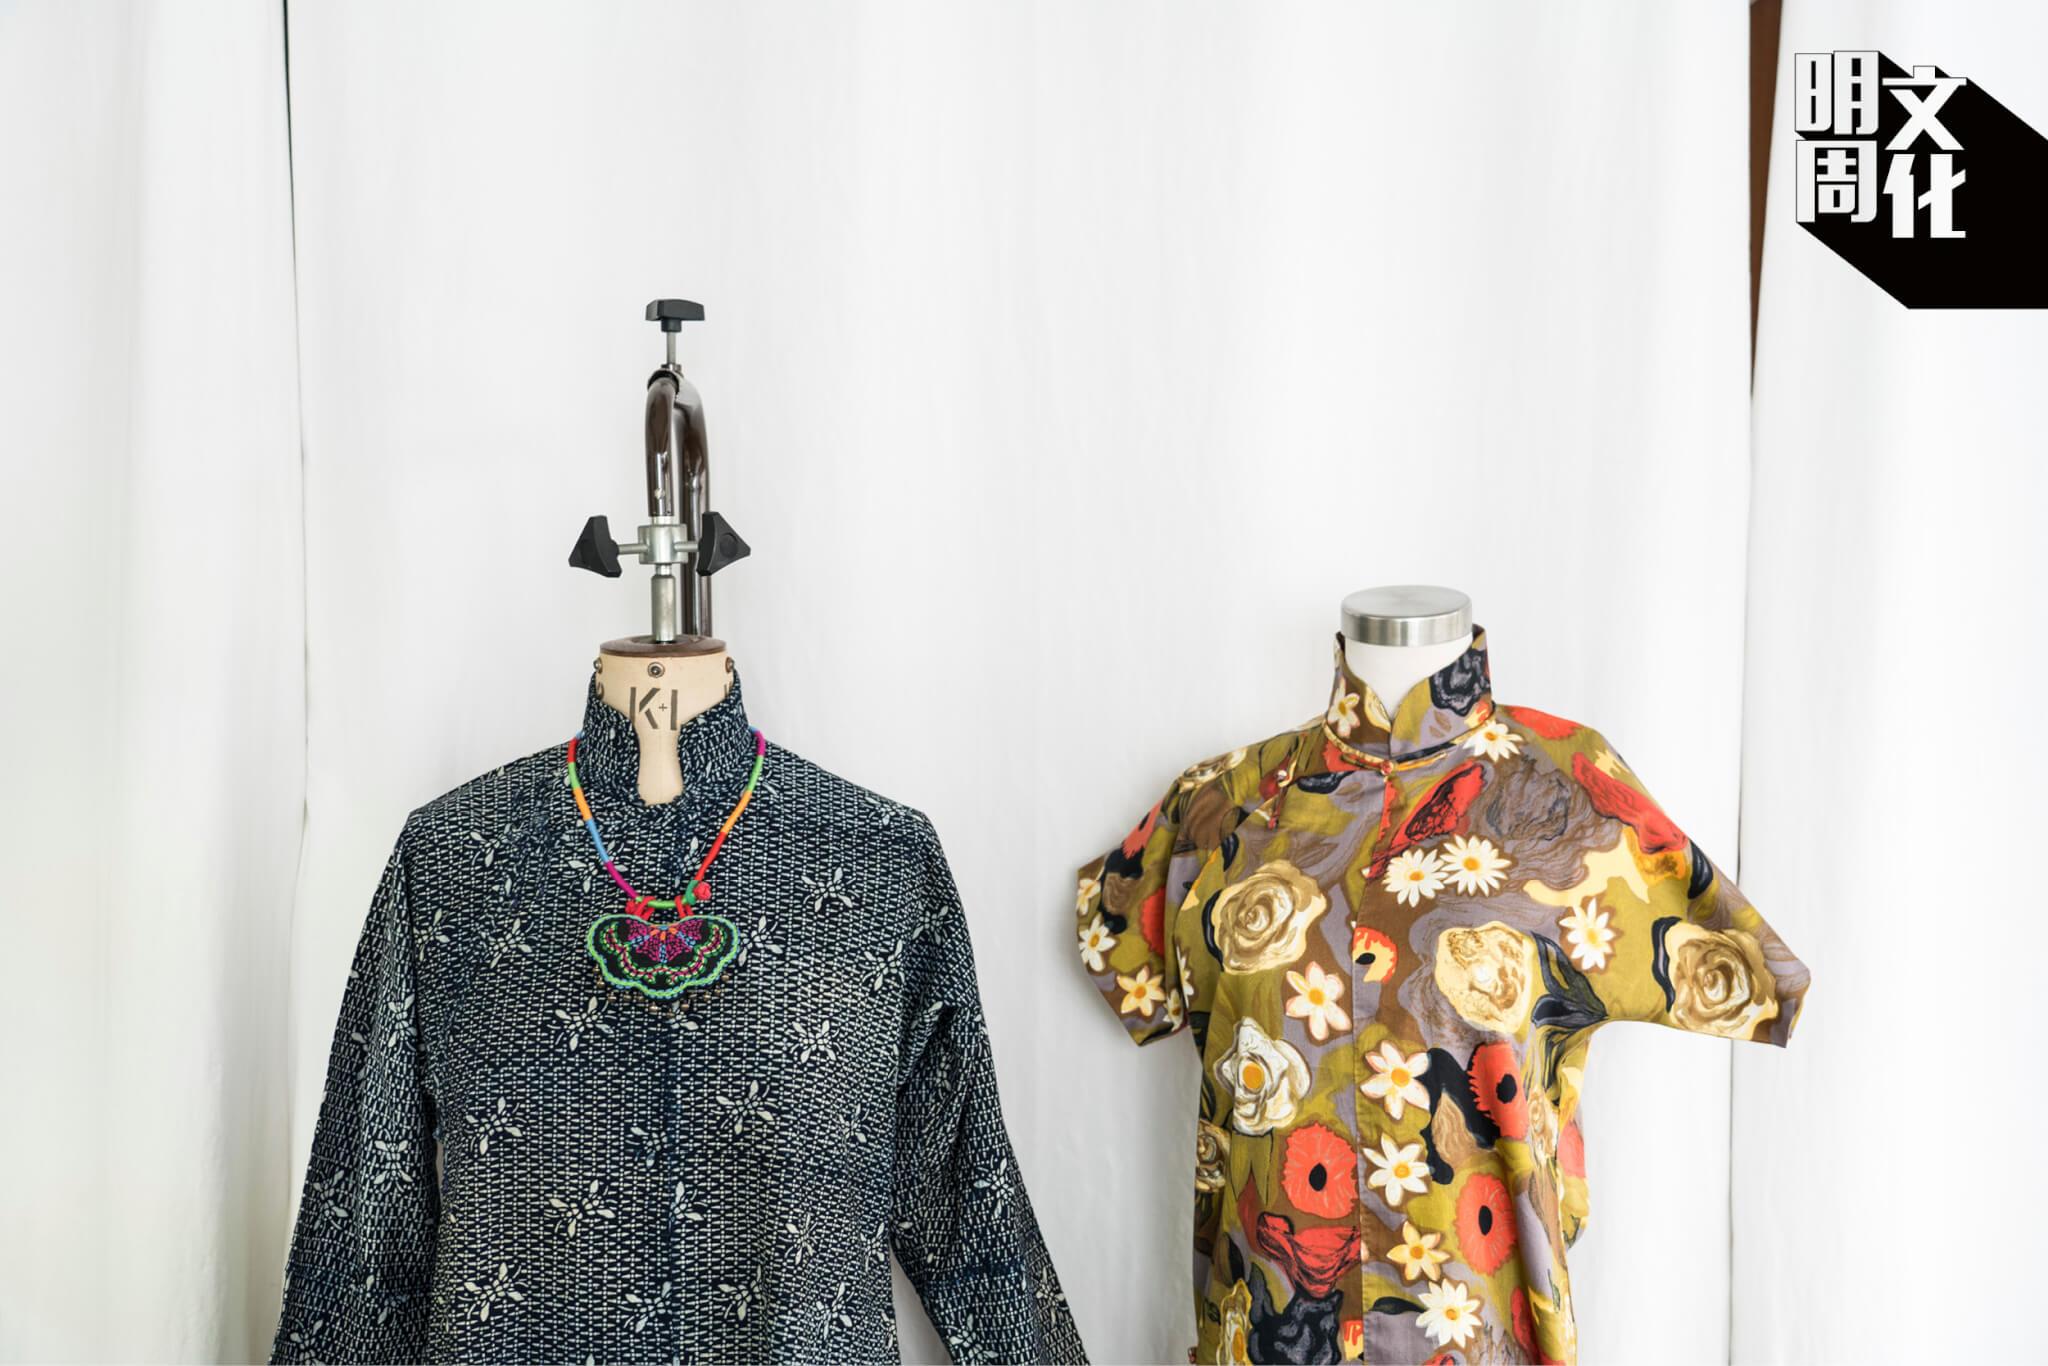 青青老師認為,旗袍工藝的神髓在於燙拔與漿糊等傳統技術,是無法取締的。「為甚麼師傅用燙斗燙一下,整個立體就出來了呢?有胸、有肚,不是因為打了褶。」